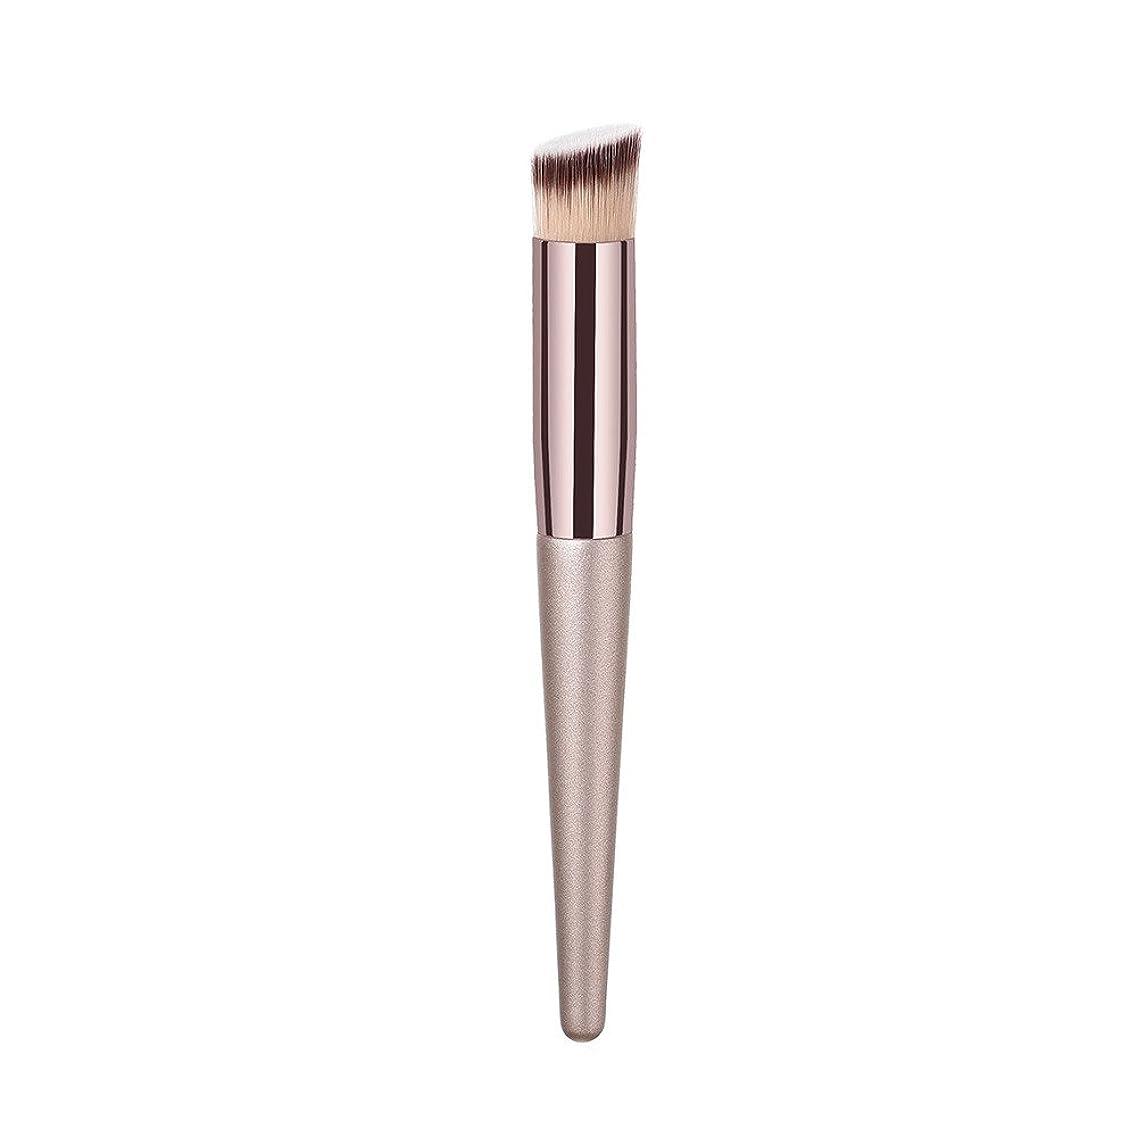 シンボル適合しましたスリップ笑え熊 化粧筆 化粧品ZZ-10-A-2 化粧品 マック 化粧 ファンデーション ブラシ 抜群の粉含み力 高級天然繊維